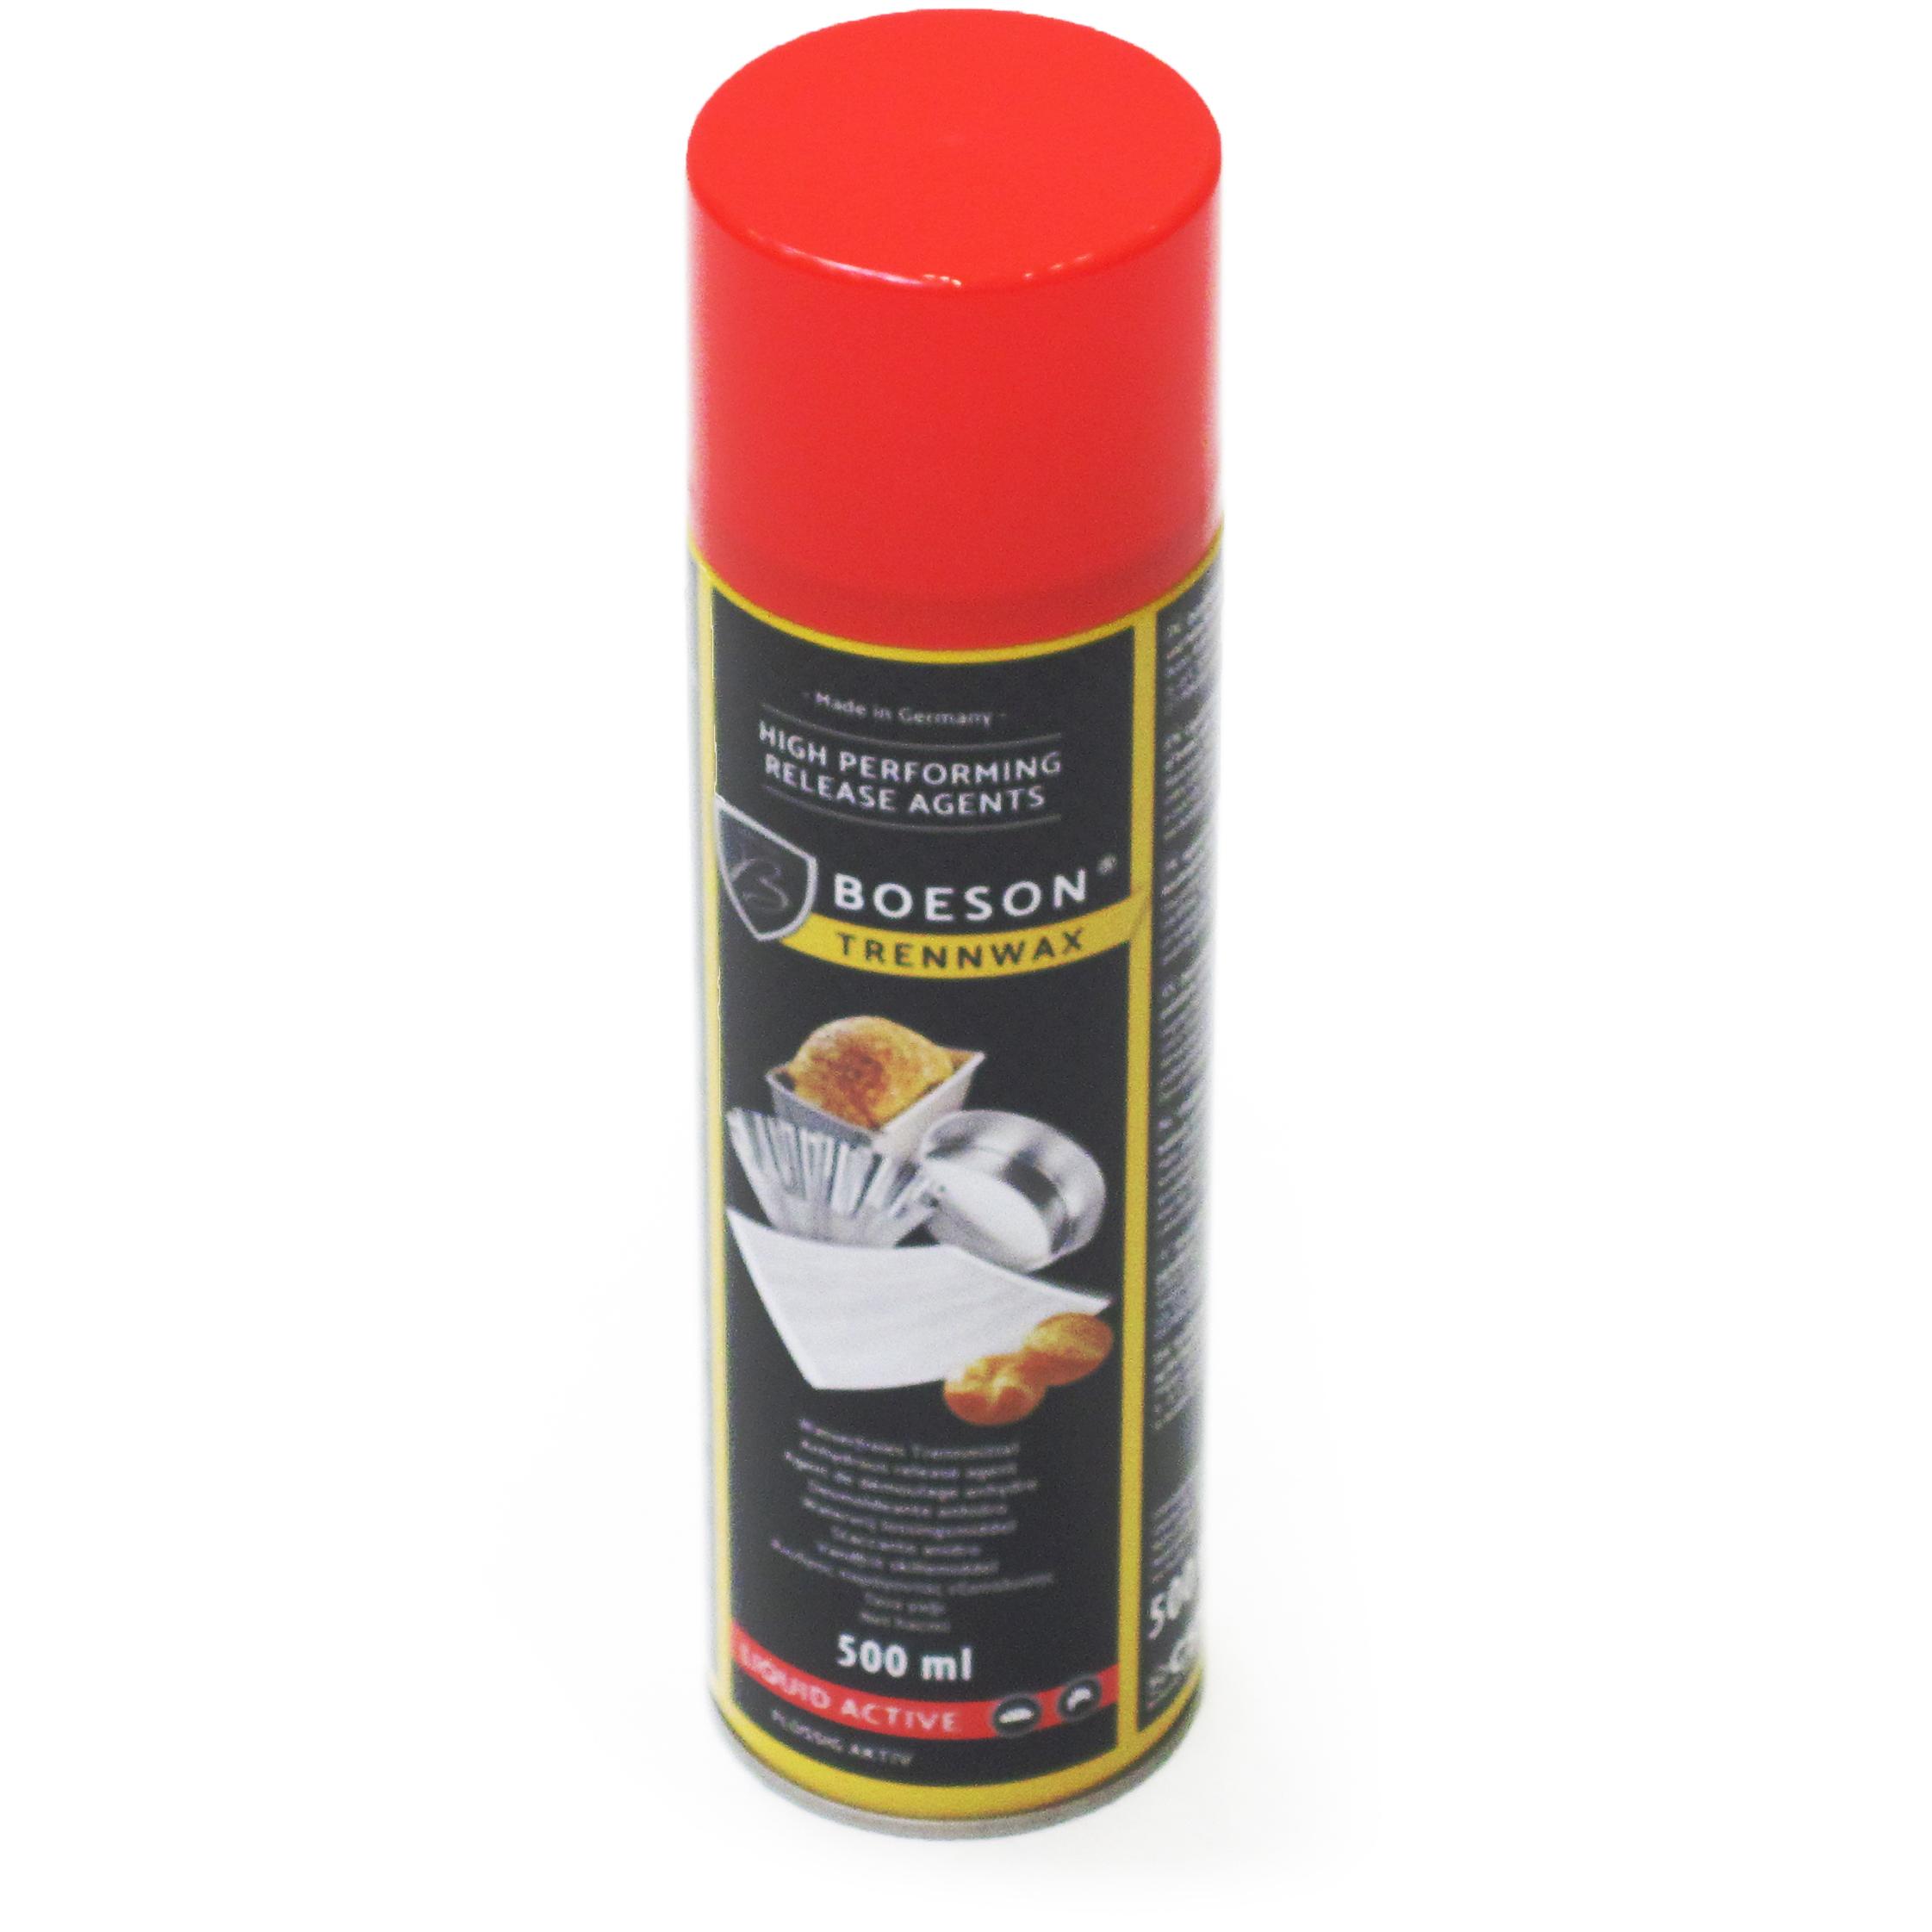 trennwax-aktiv-spray-verpakking.jpg